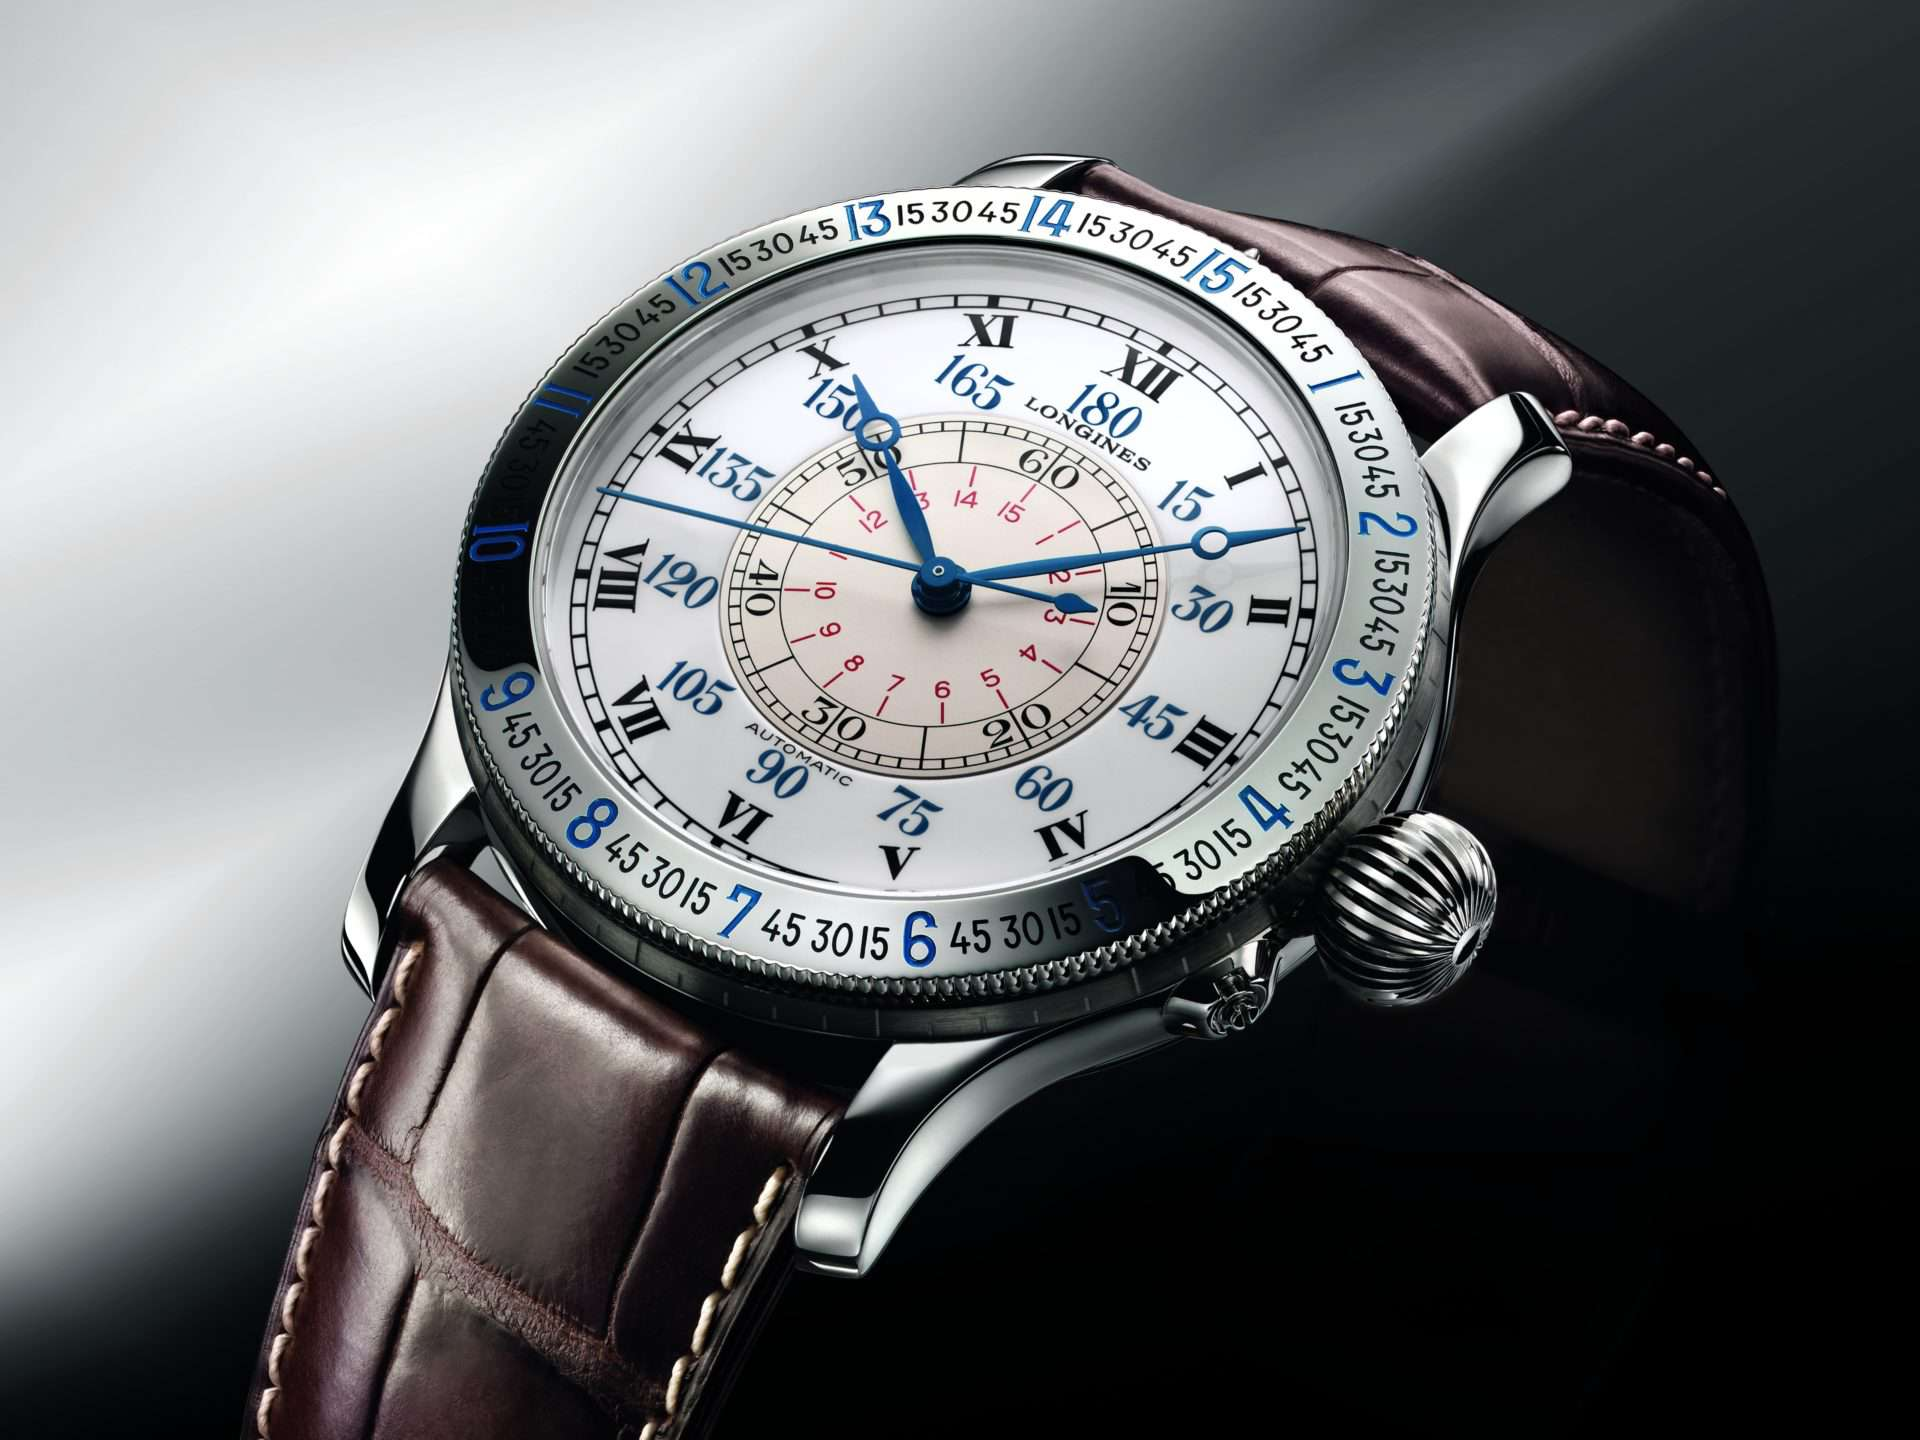 Longines ist mit seinen schönen Uhren zu einem sehr fairen Preis ein echter hidden champion